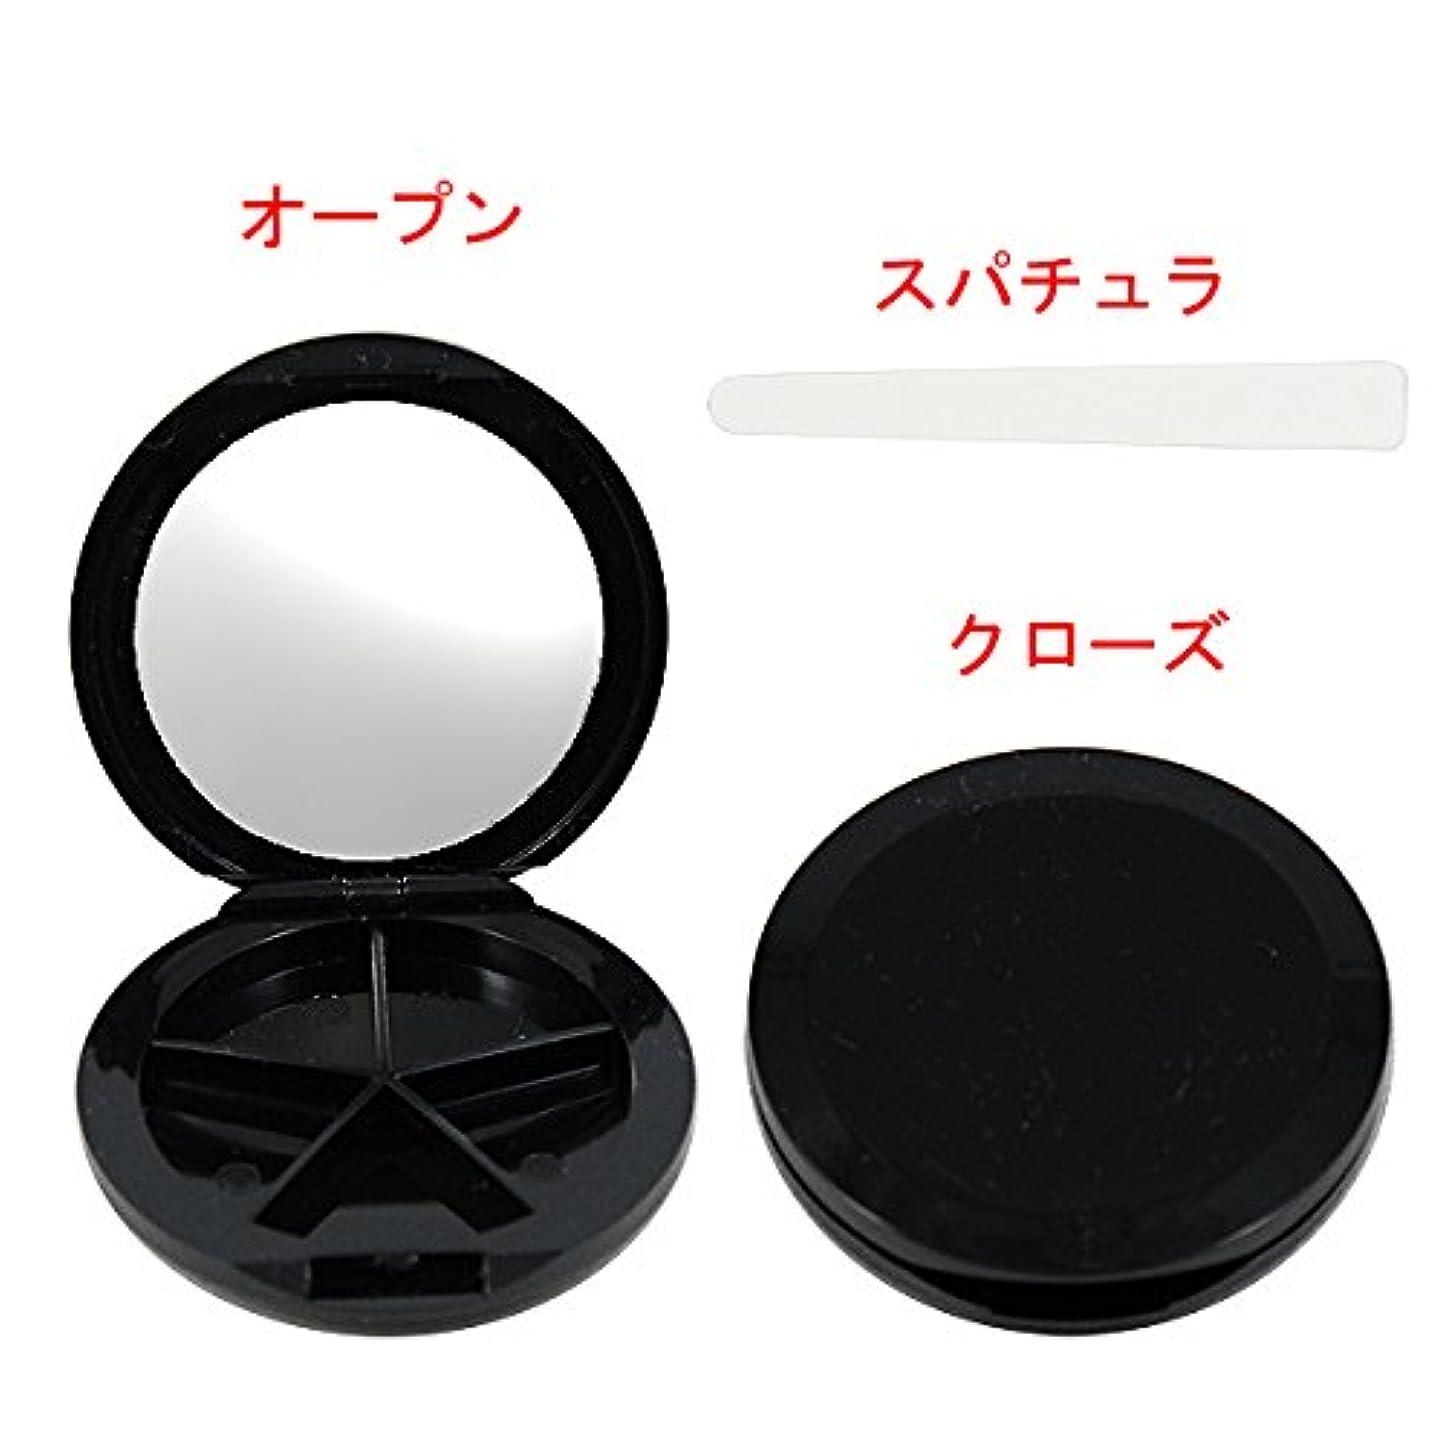 アミューズネストユーザー志々田清心堂 メイクパレット丸 No.300 BK AS樹脂ブラック